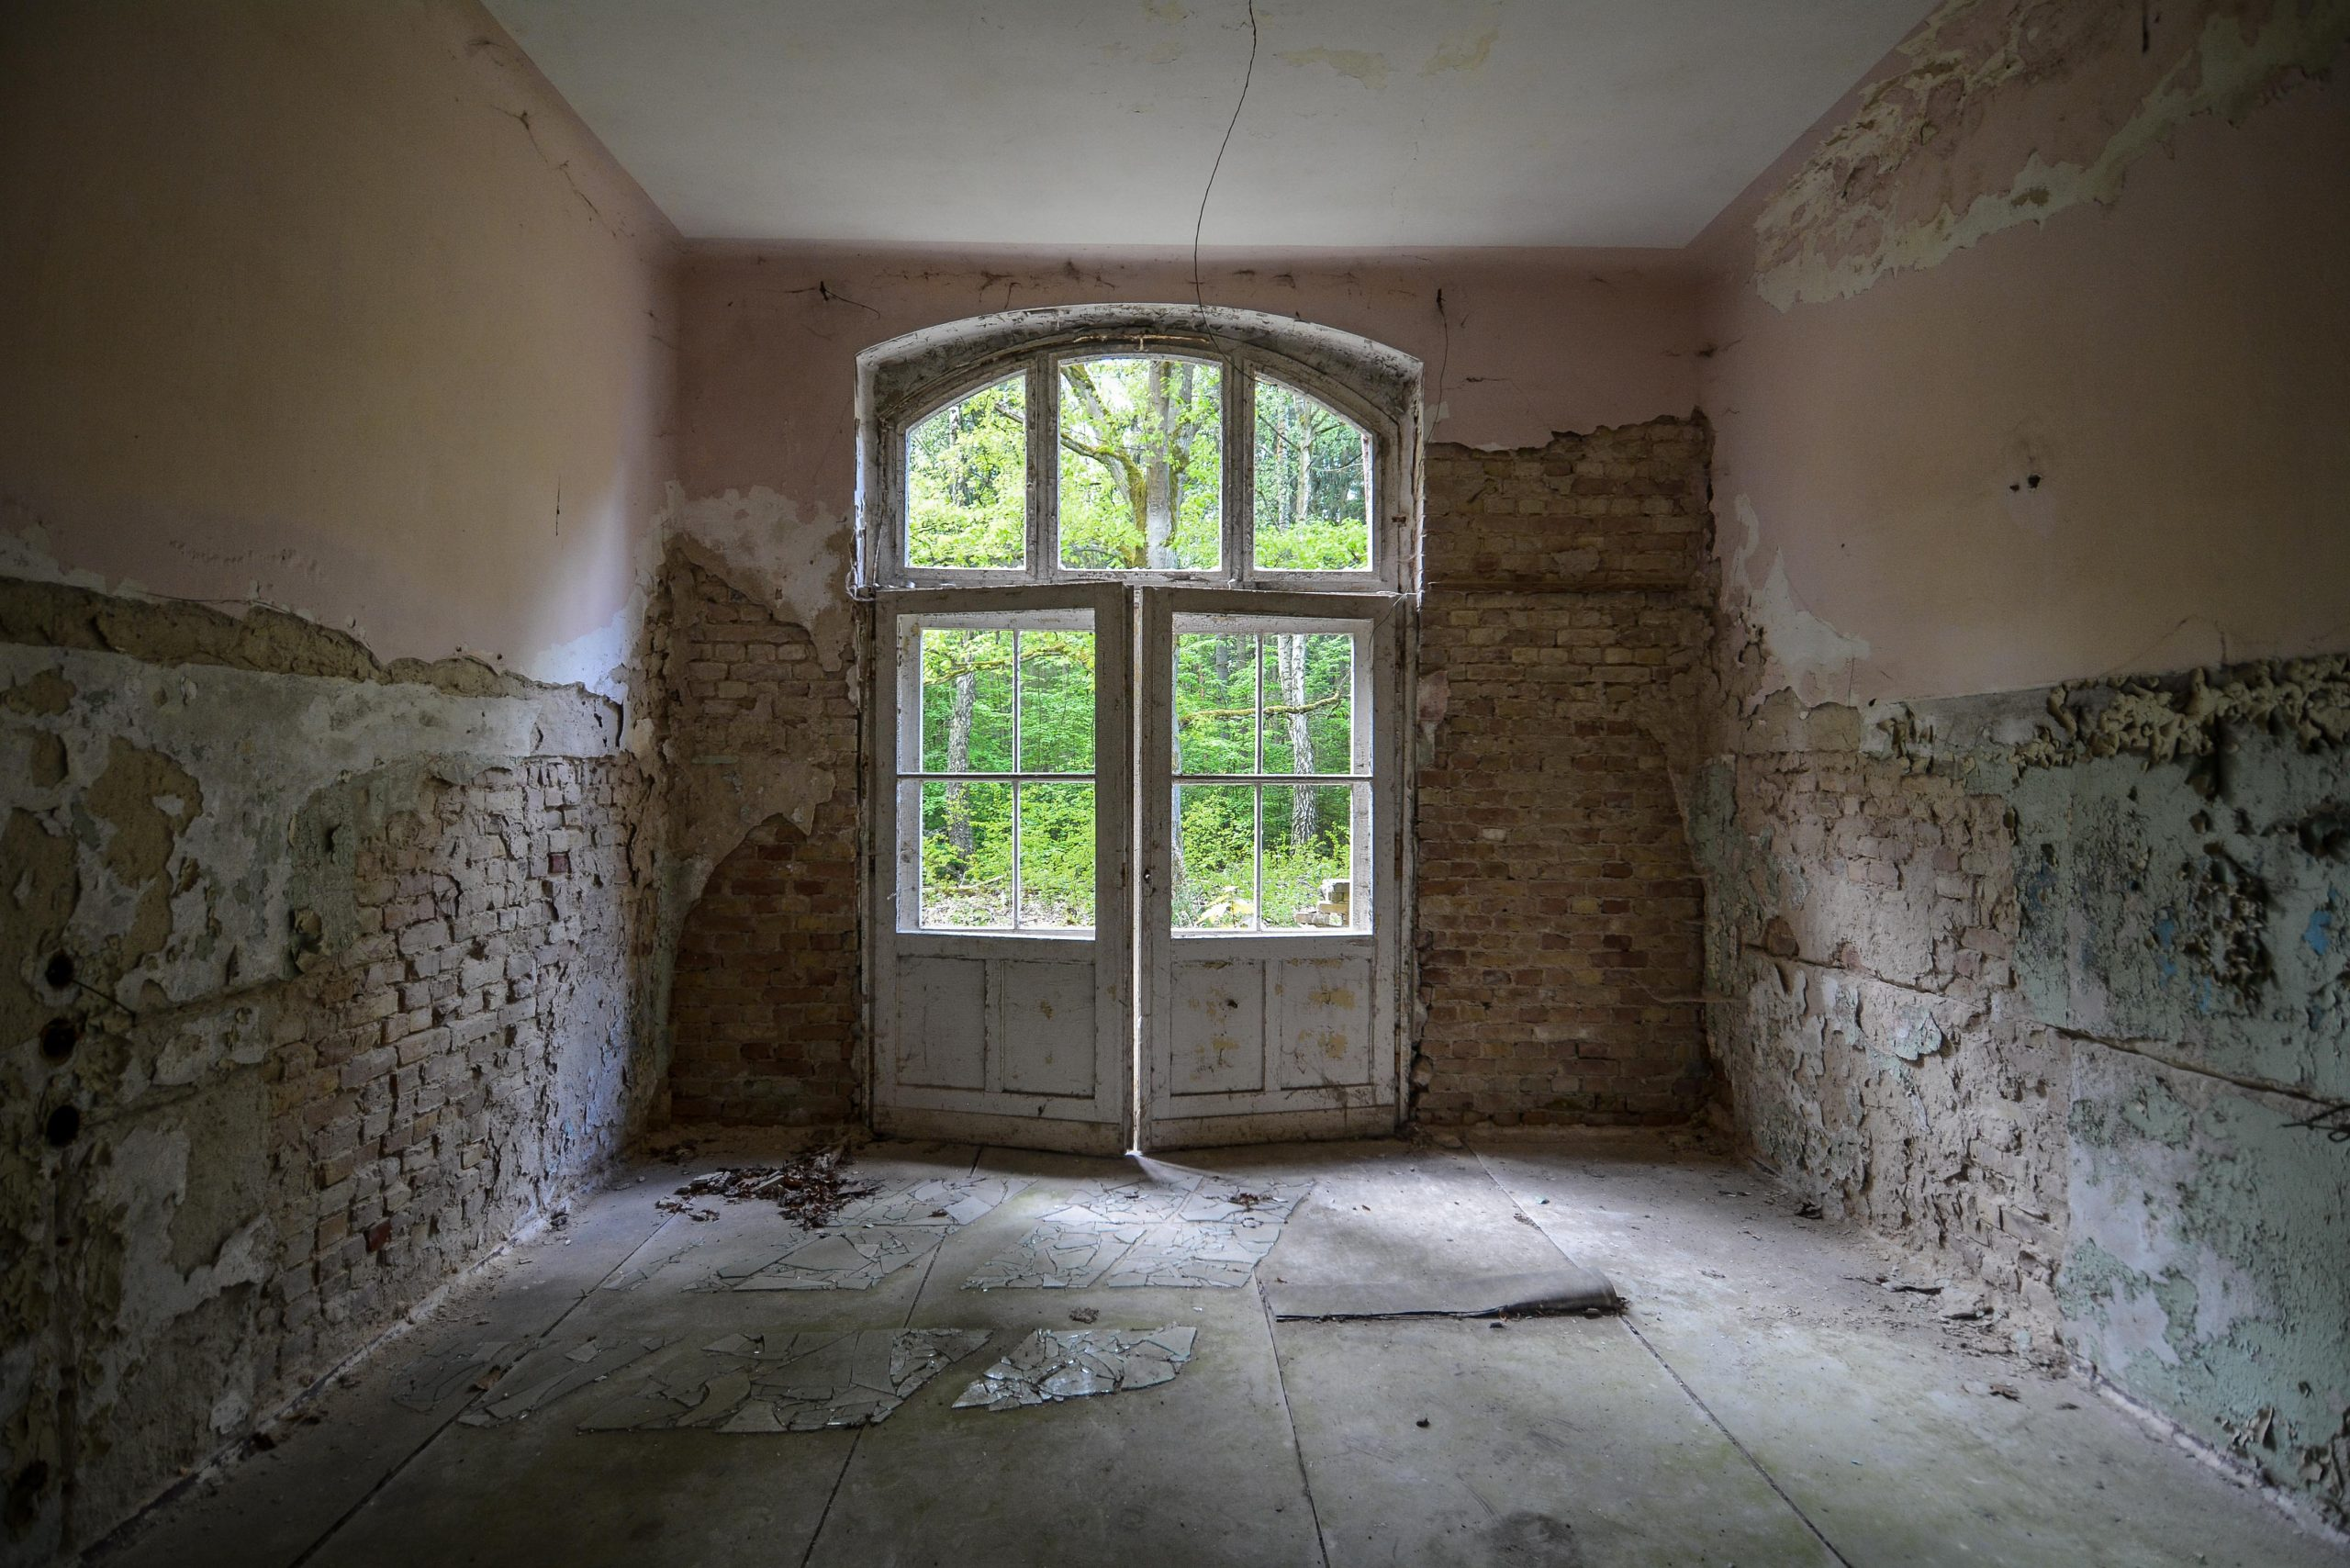 double doors tuberkulose heilstaette grabowsee sanatorium hospital oranienburg lost places abandoned urbex brandenburg germany deutschland